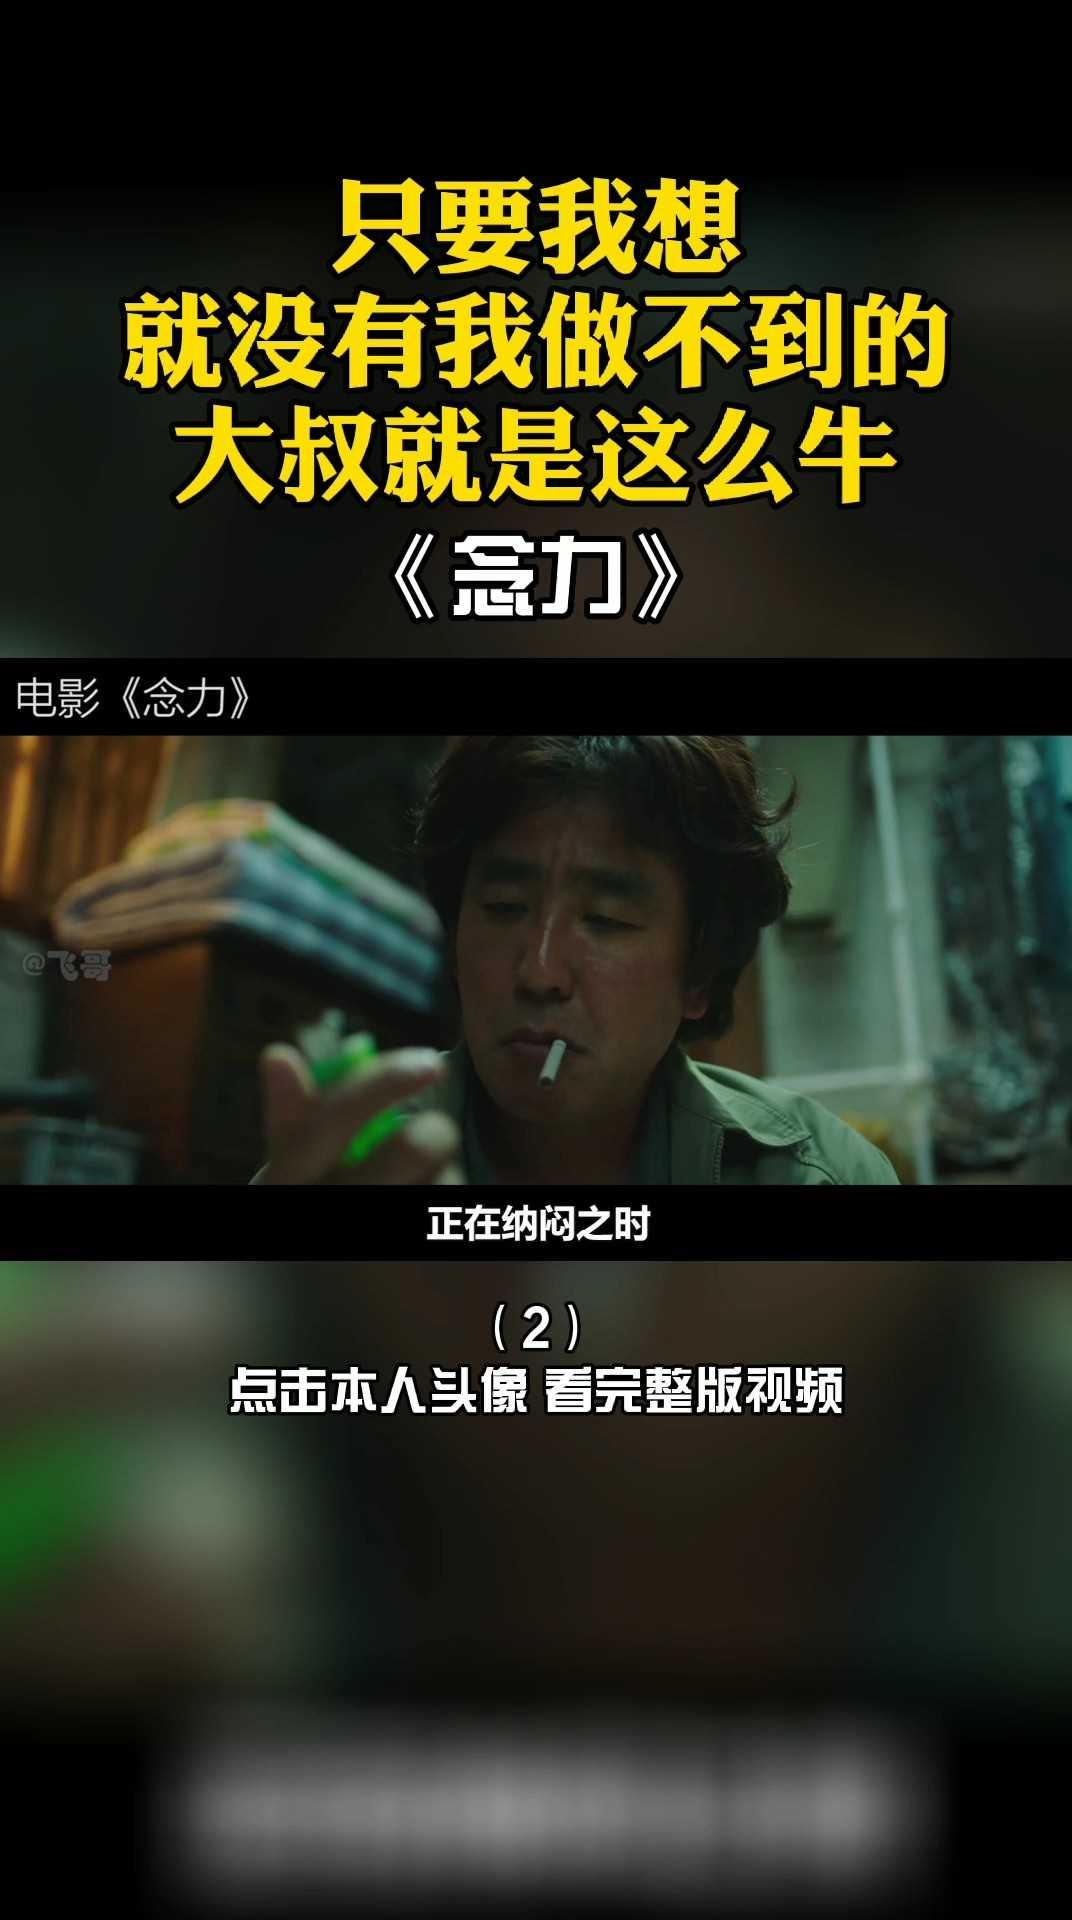 釜山行导演又一力作《念力》2 下